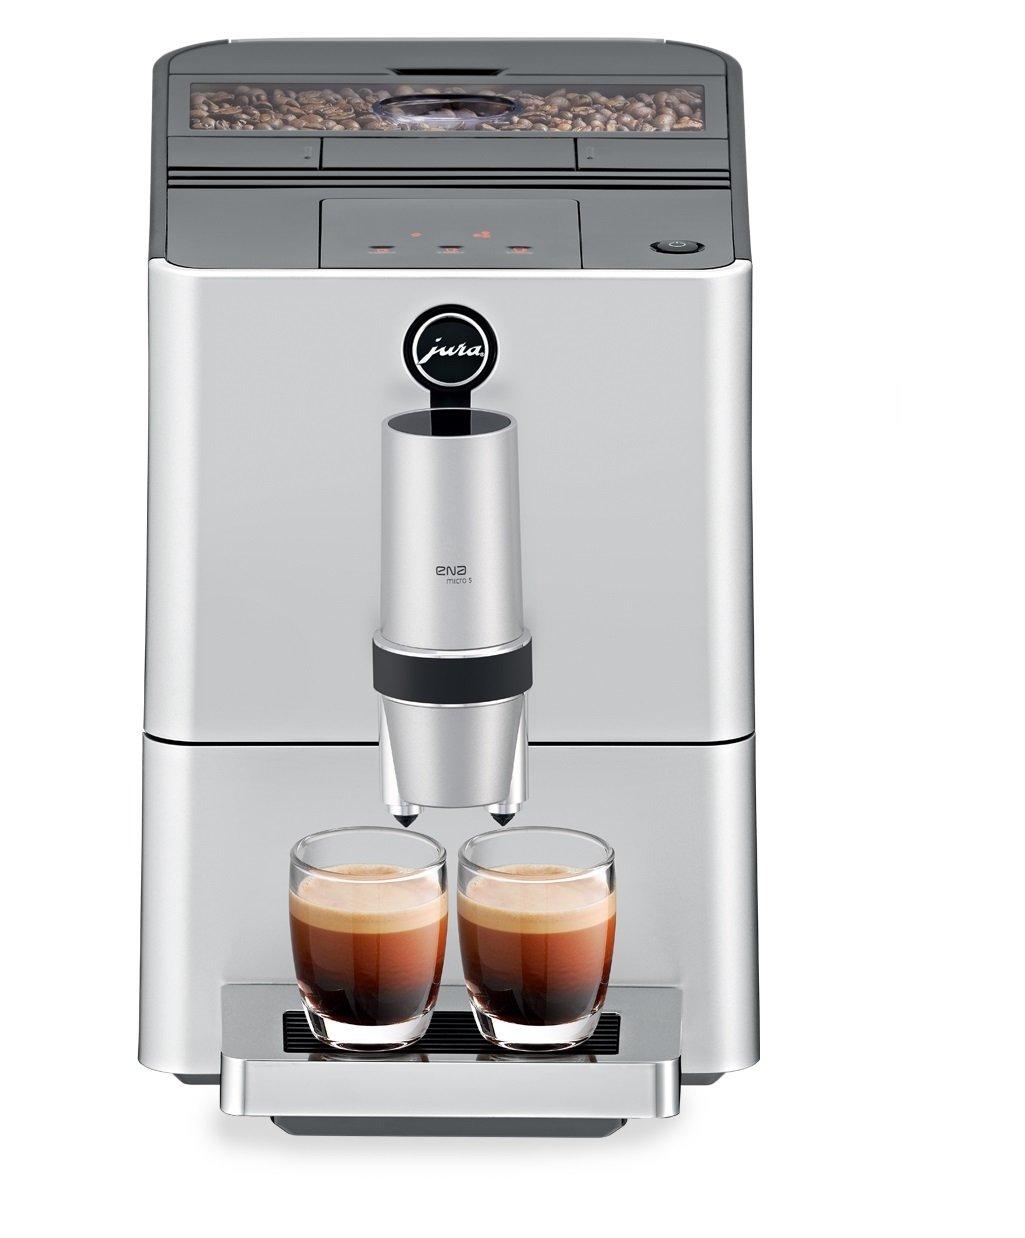 Amazon.com: Jura 15106 ENA Micro 5 Automatic Coffee Machine, Silver ...